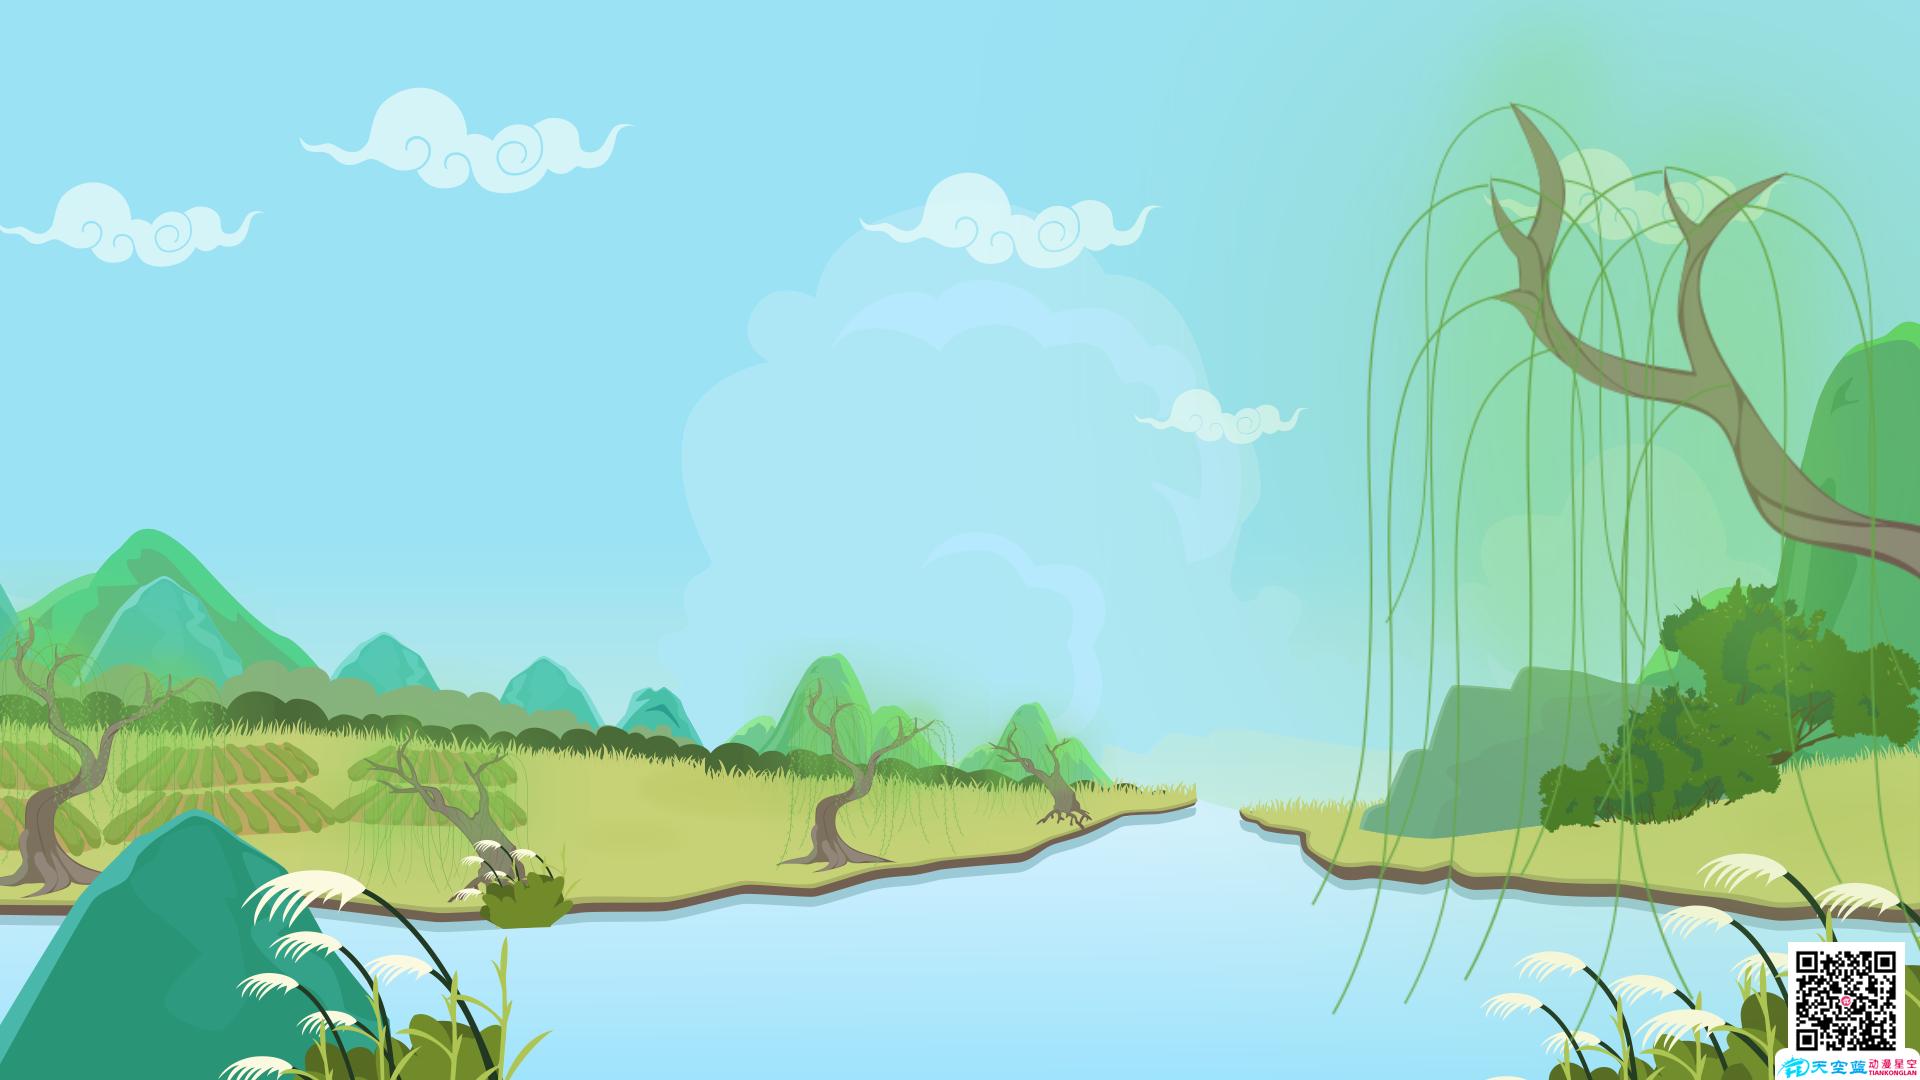 动画教学视频制作《村居》动画二小学年级v动画片小学英语试卷答题卡模板图片